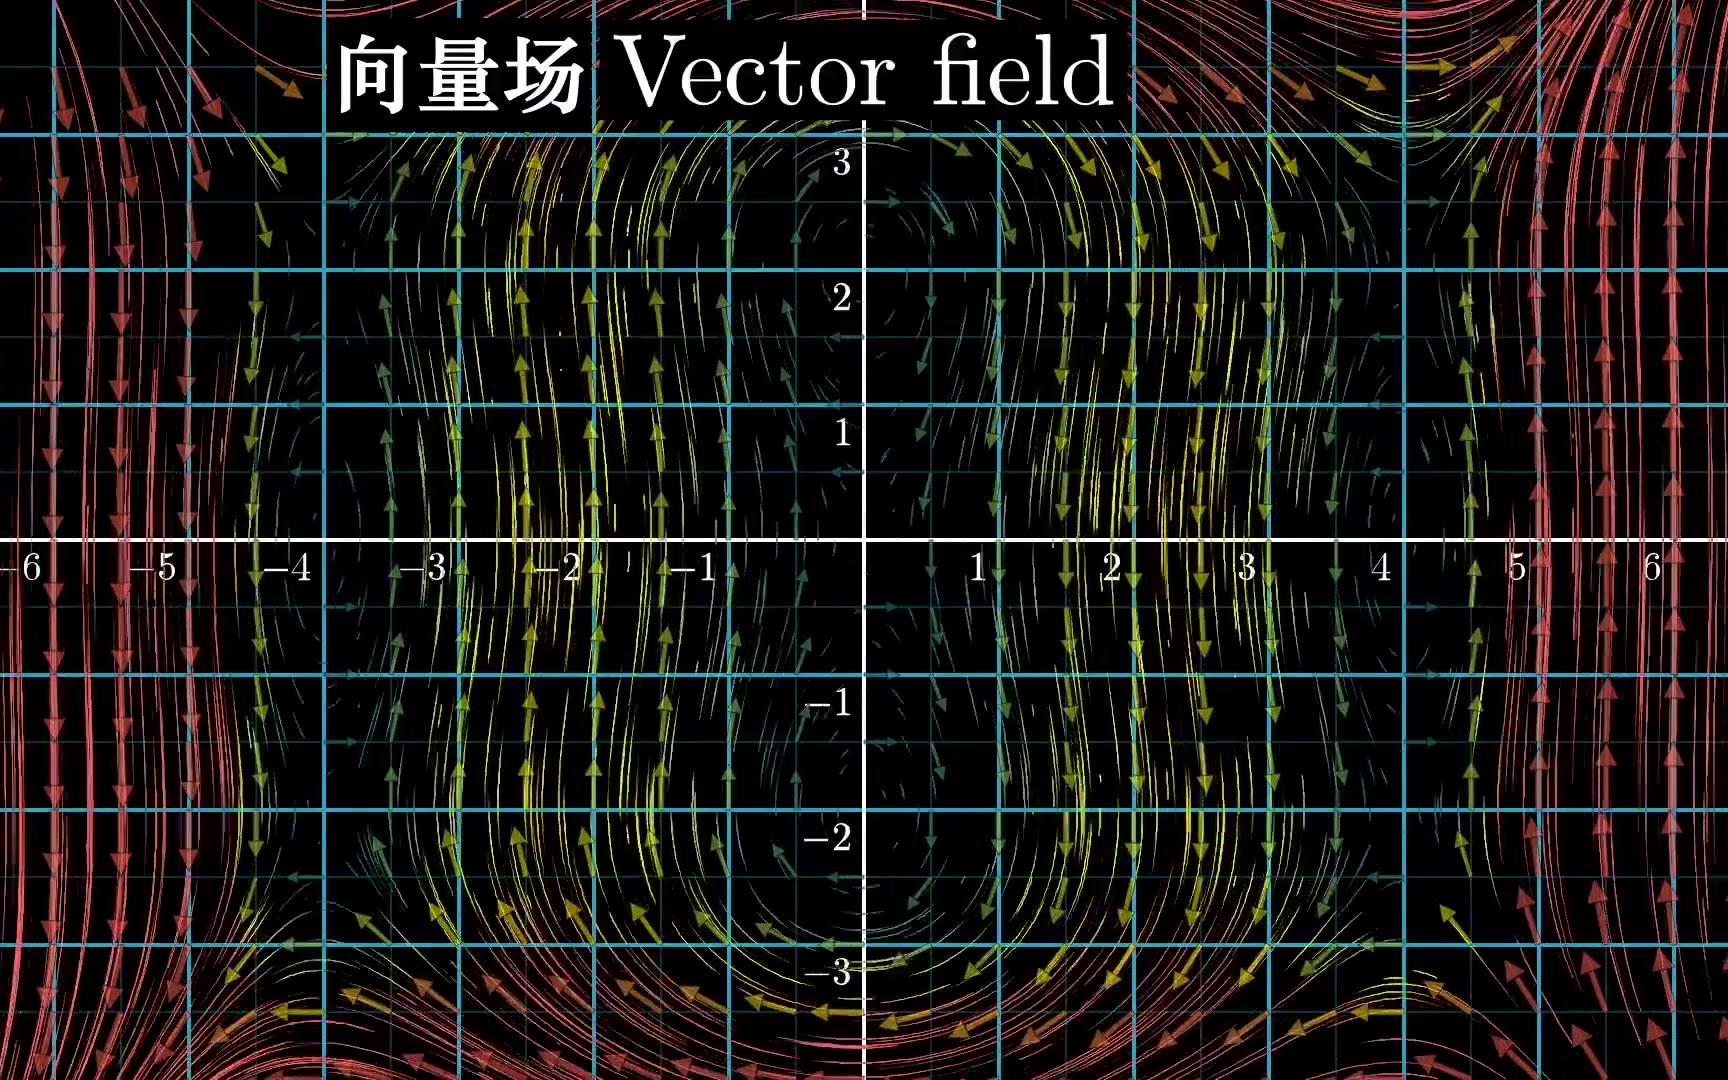 【3Blue1Brown】散度与旋度:麦克斯韦方程组、流体等所用到的语言